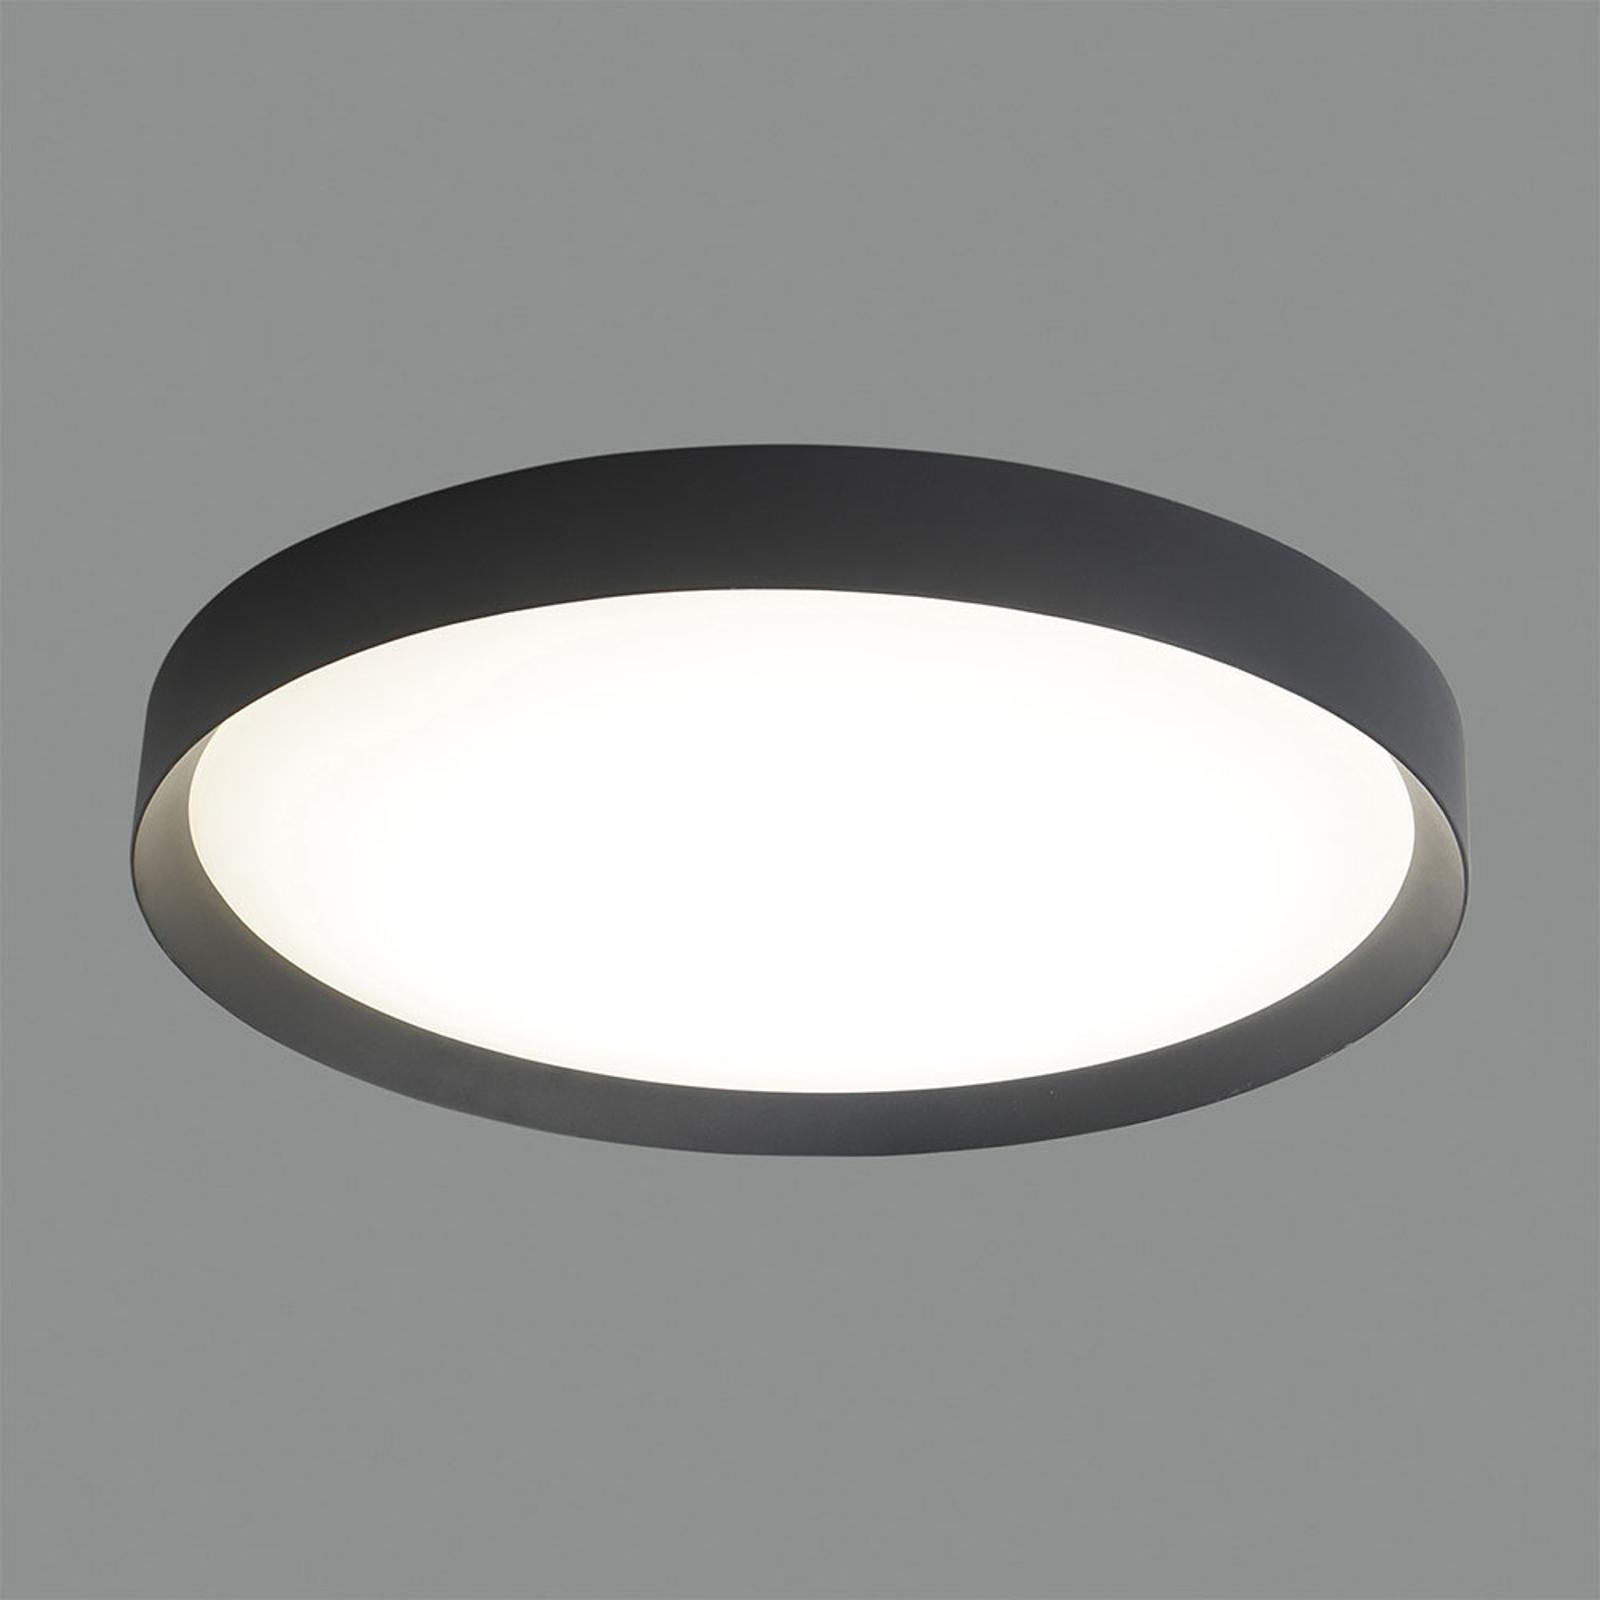 LED-taklampe Minsk DALI Ø 60cm Casambi svart